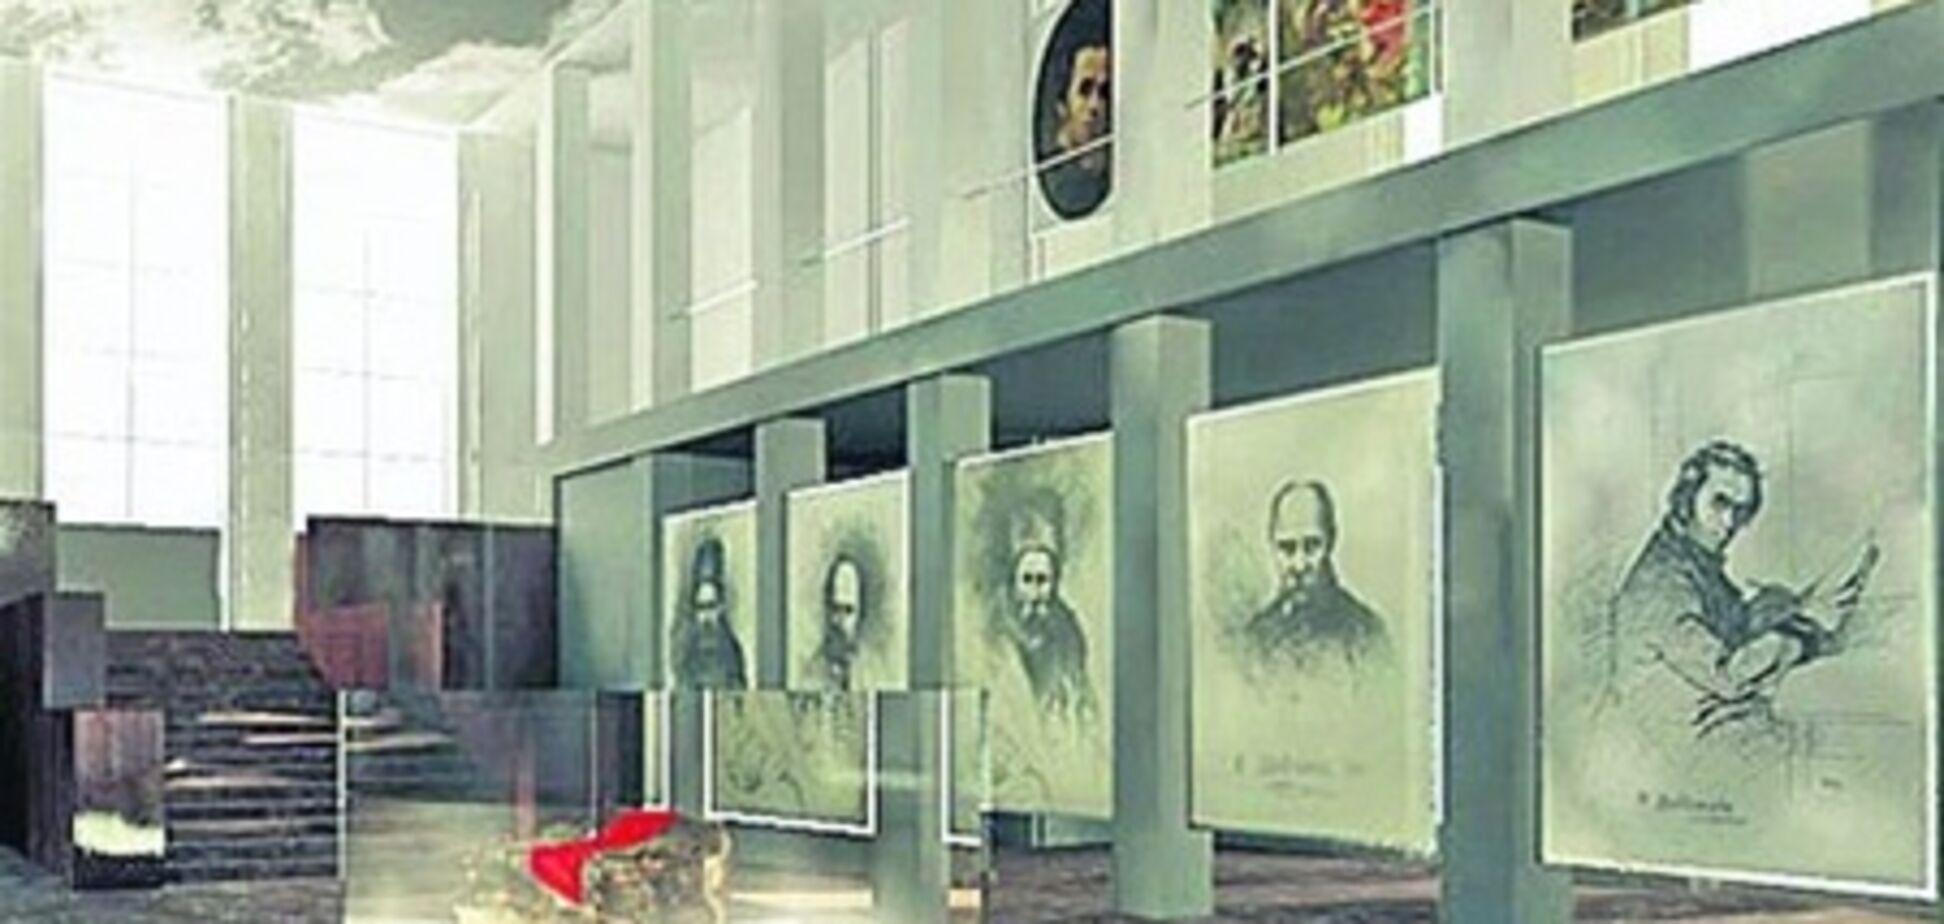 Ремонт музея Шевченко в Каневе закончился уголовным делом